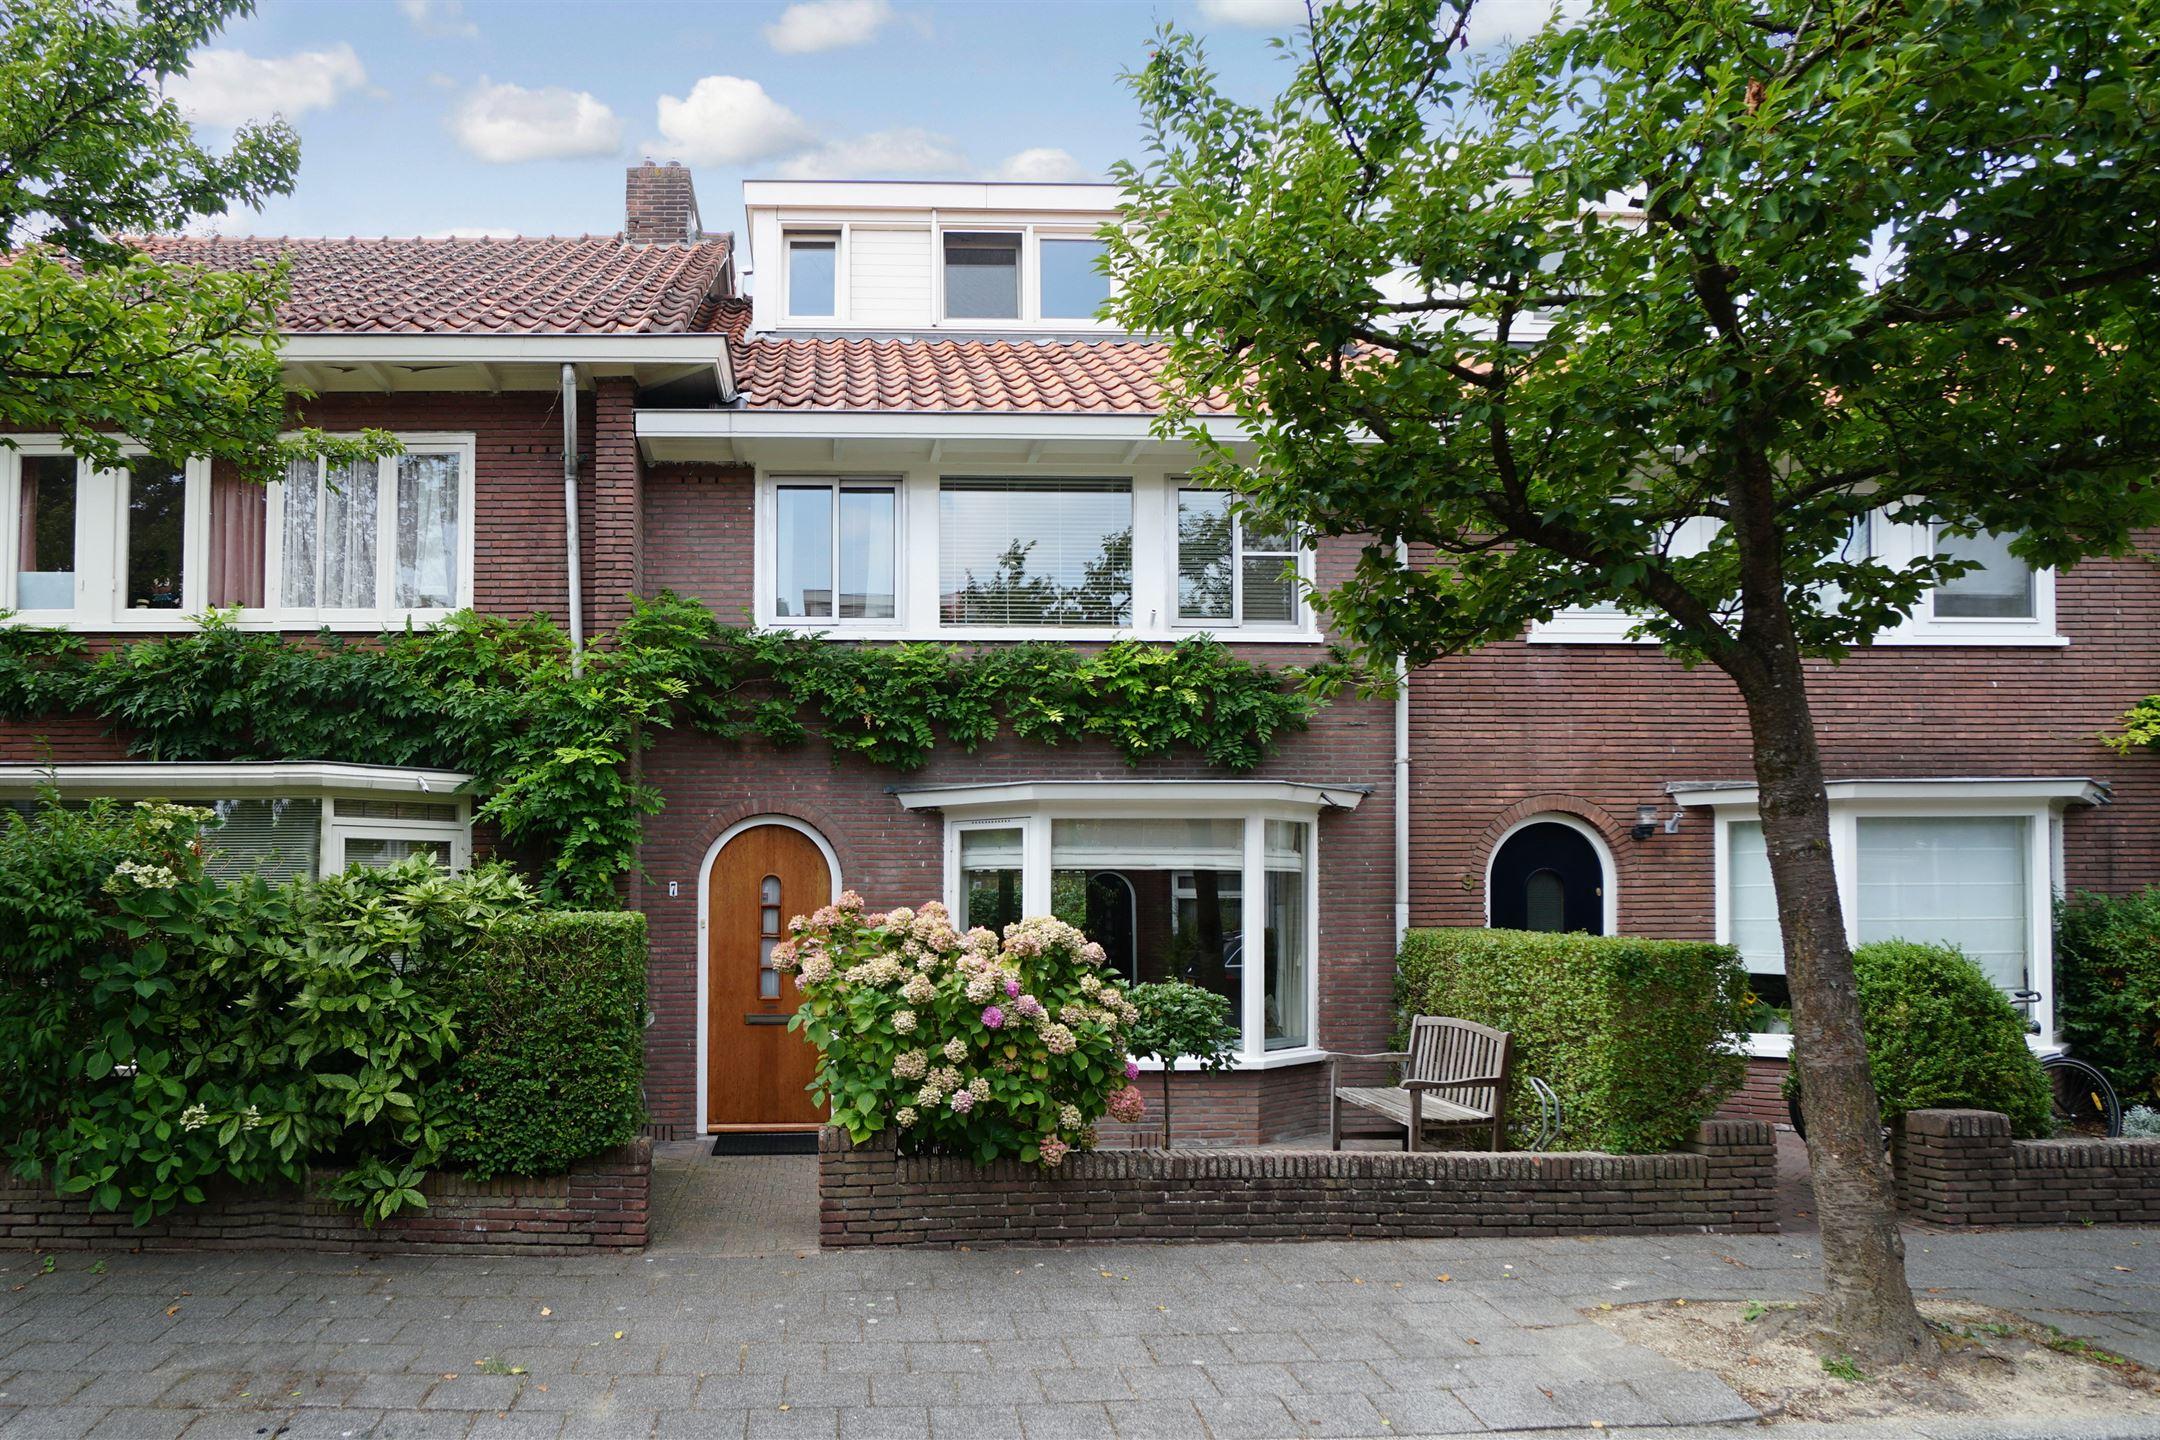 Lunshof makelaars Amstelveen en Amsterdam - De Surmontstraat 7  Amstelveen